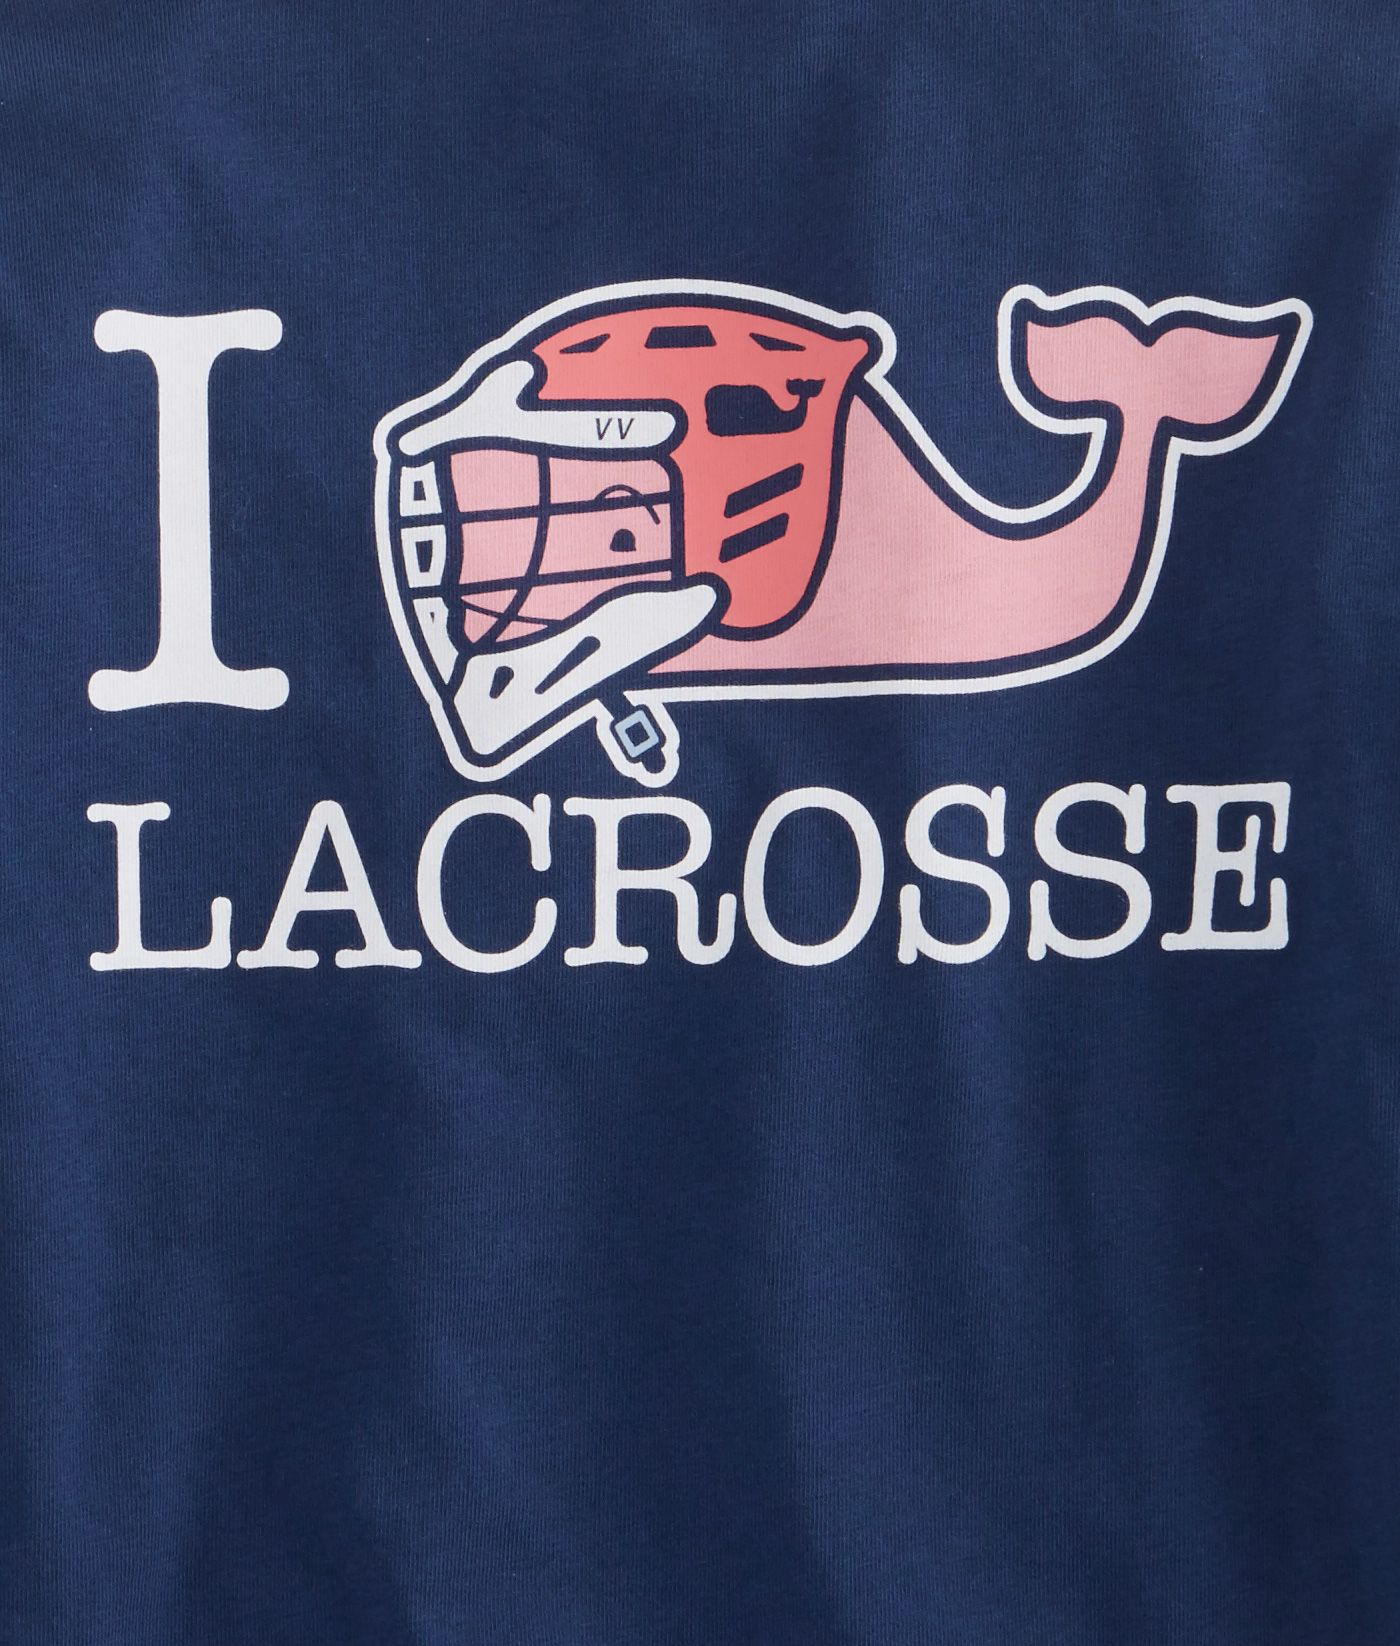 Lacrosse Graphic T-Shirt | #VVGameDay | Lacrosse, Lacrosse ...